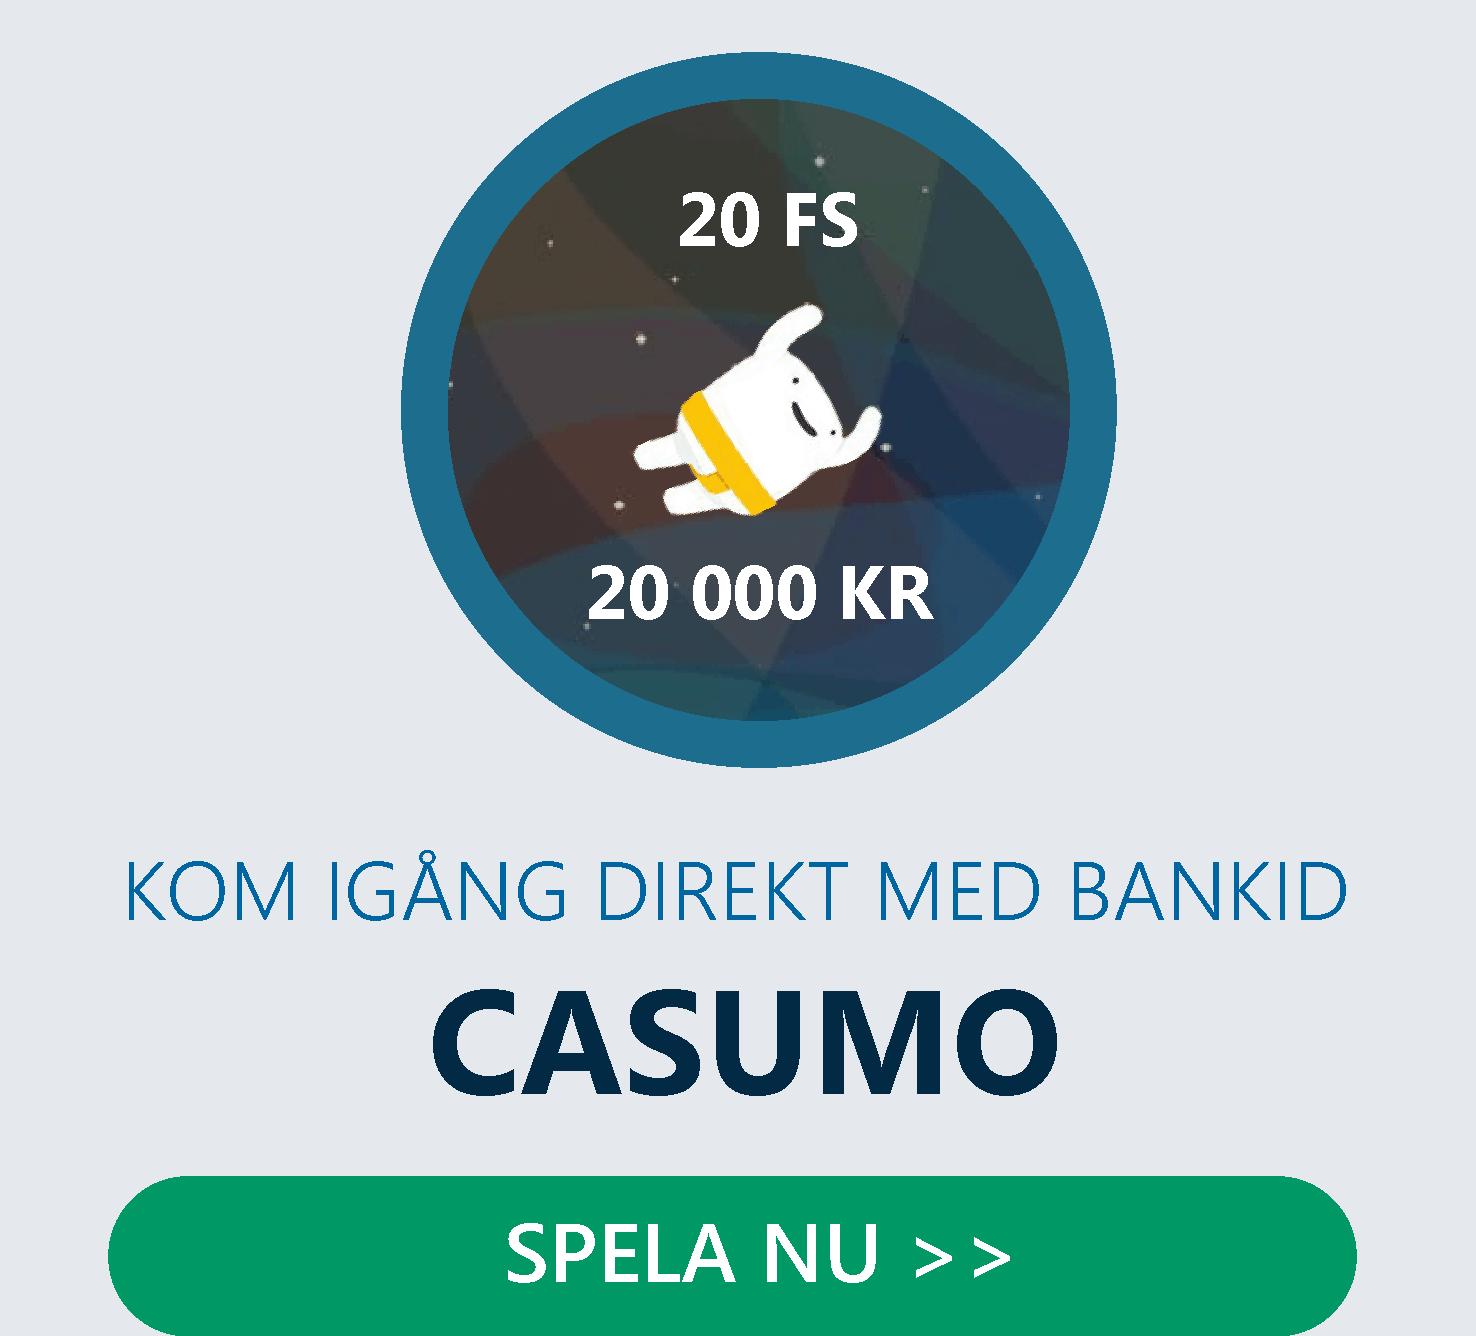 Casumo är ett casinoäventyr